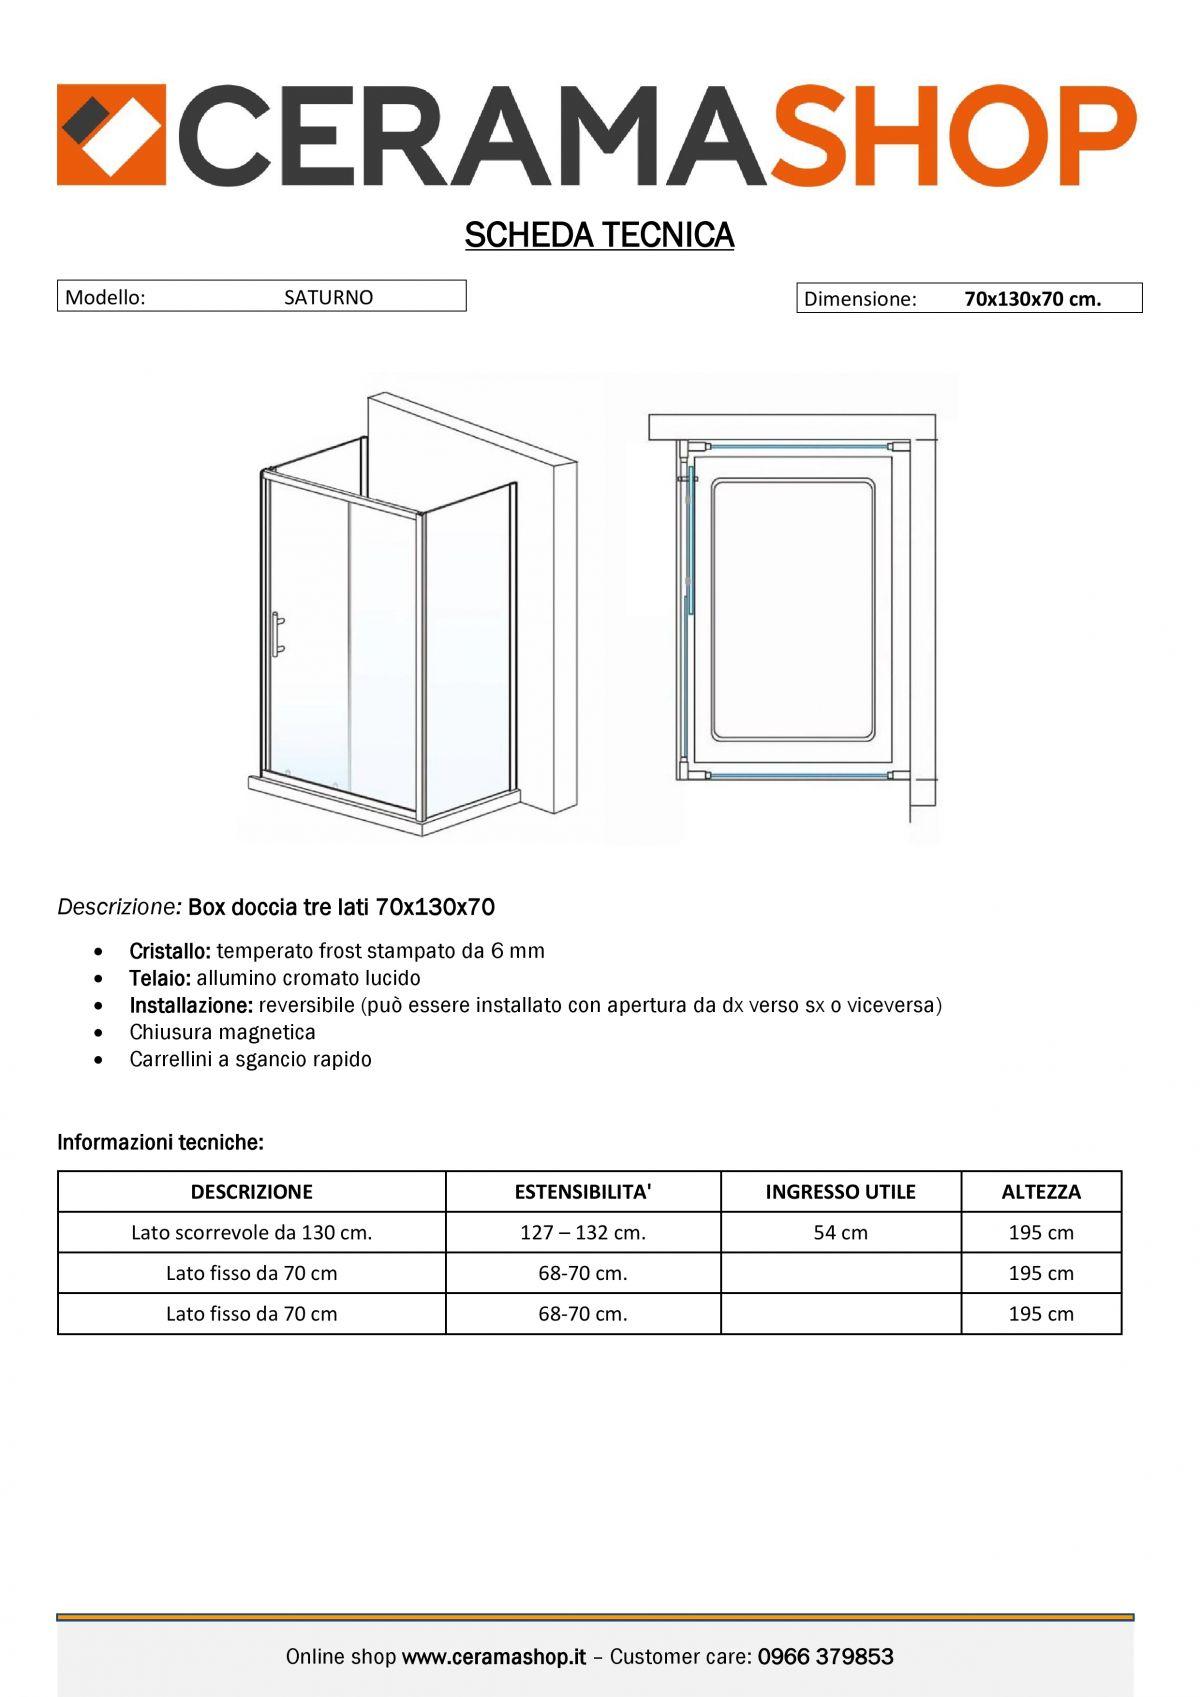 """70x130x70 000001 1 scaled Box Cabina doccia tre lati """"Saturno"""" 70x130x70 cm scorrevole cristallo satinato 6 mm"""